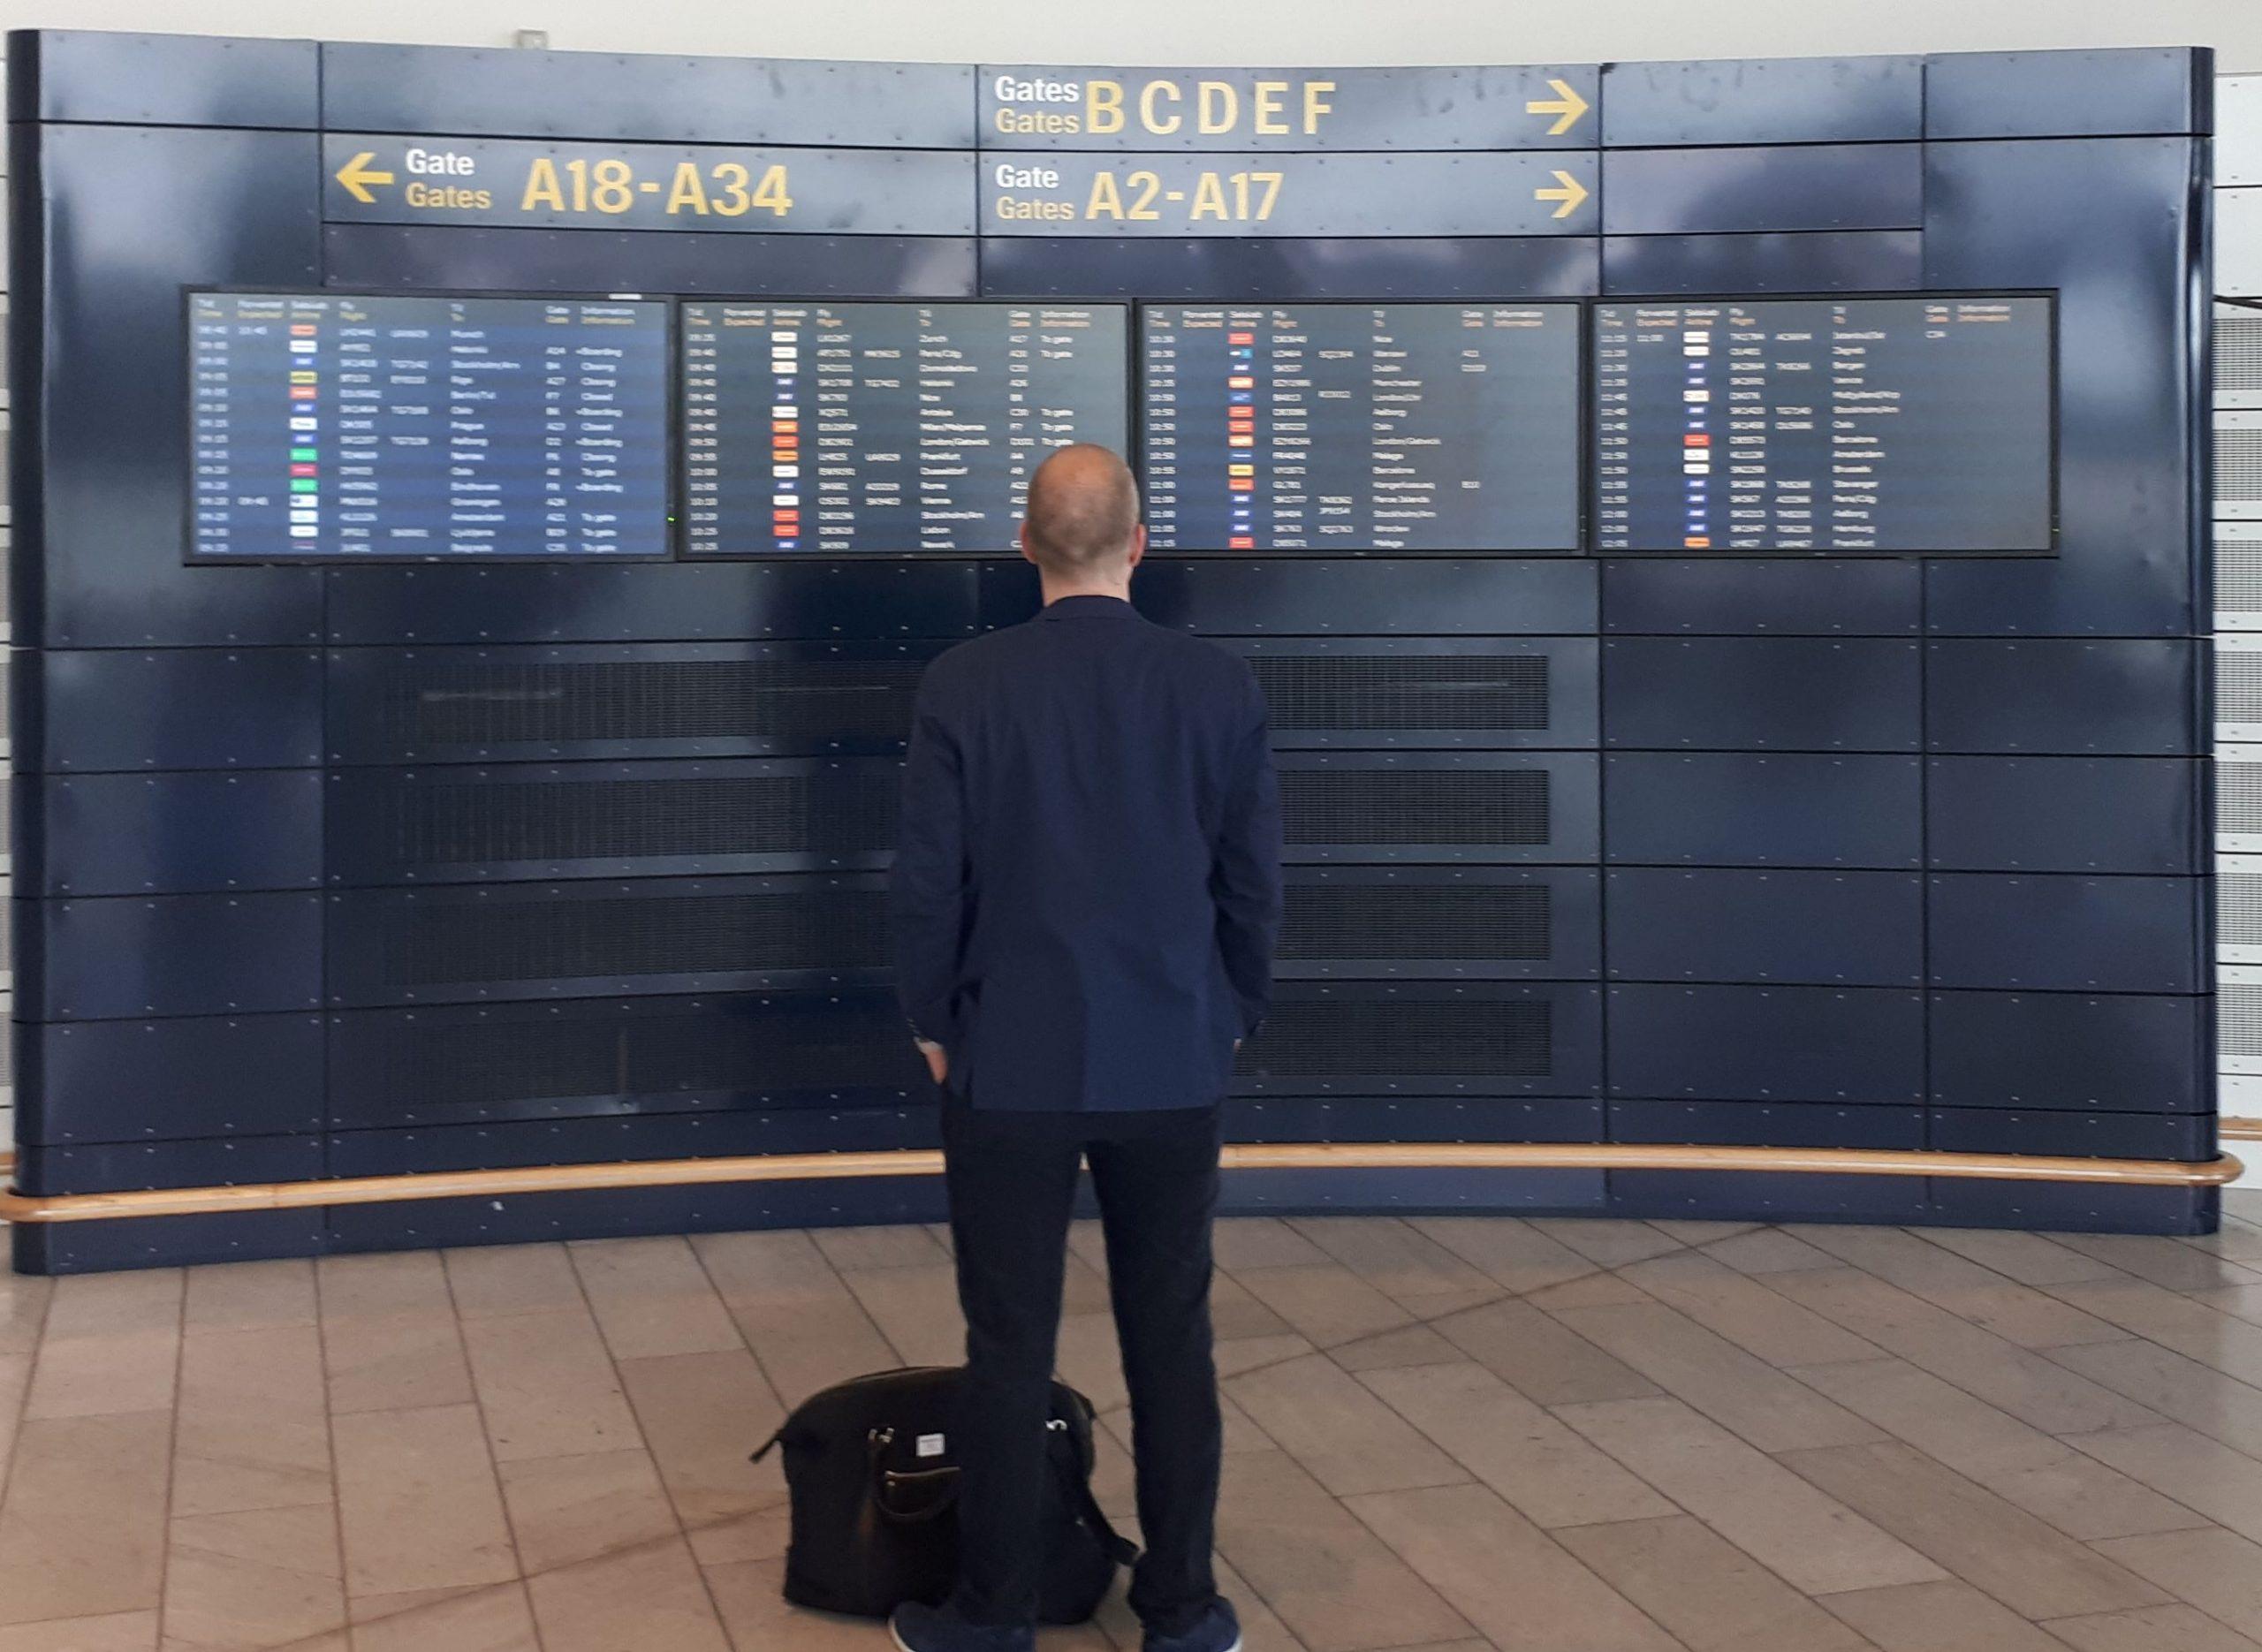 Der åbnes nu op for erhvervsrejser til og fra Danmark. Men der er stadig meget få flyruter, selv om flere er på vej. Arkivfoto fra Københavns Lufthavn: Henrik Baumgarten.